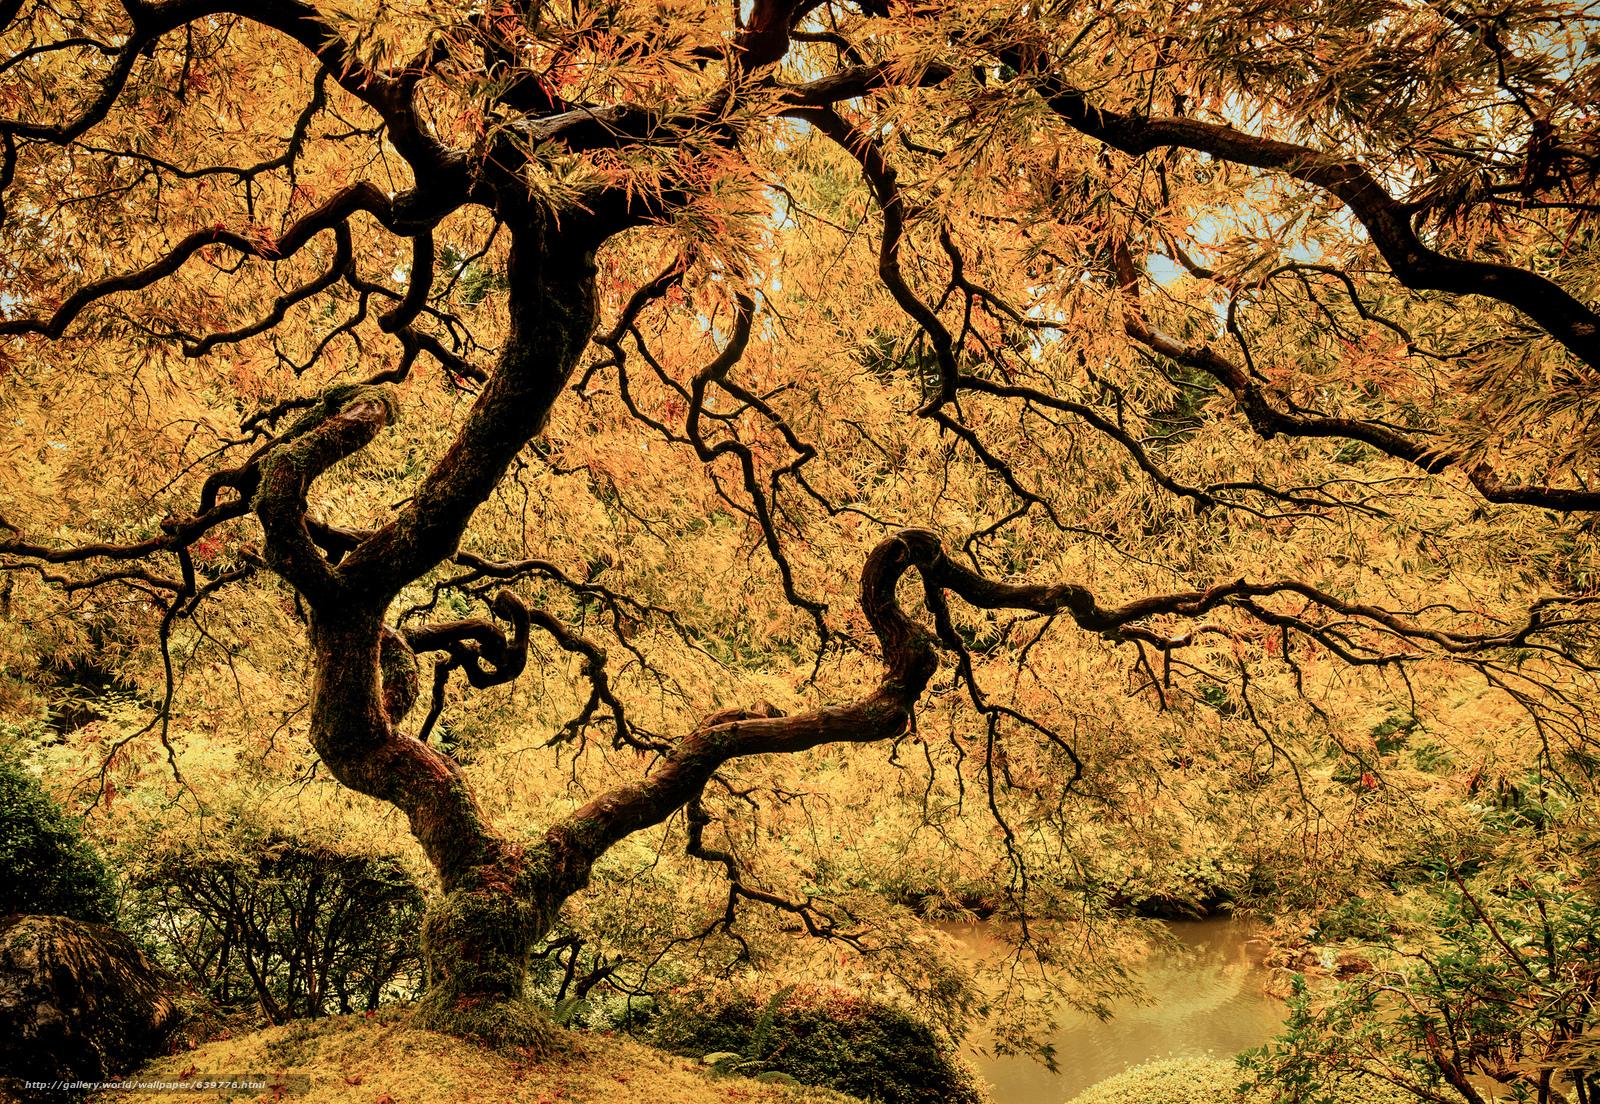 Tlcharger fond d 39 ecran jardin japonais portland oregon for Jardin japonais fond d ecran